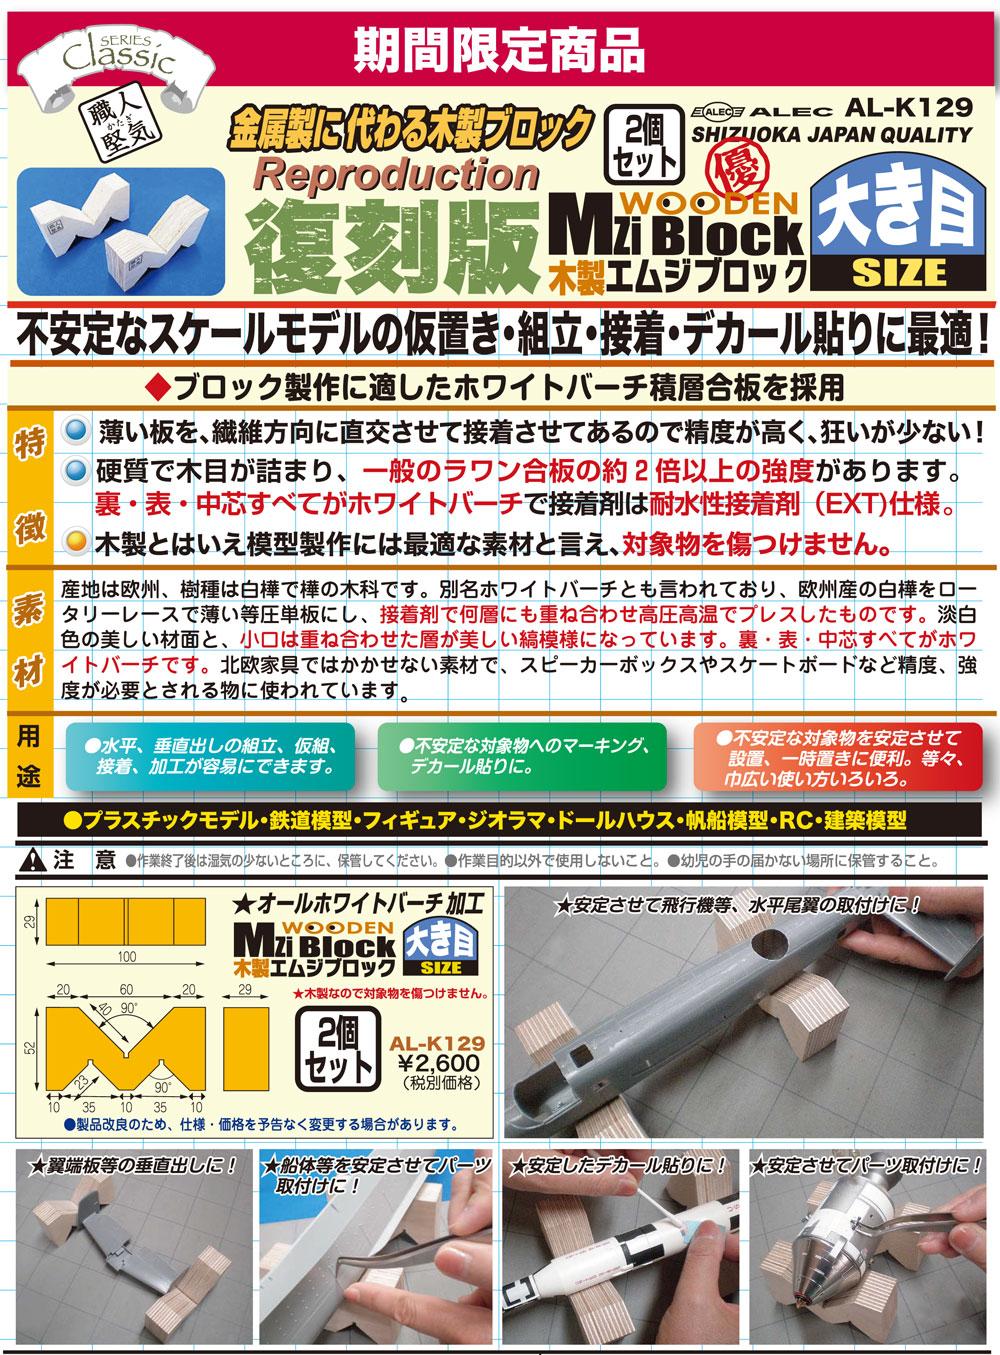 木製M字ブロック 大き目サイズガイド(シモムラアレック職人堅気No.AL-K129)商品画像_1